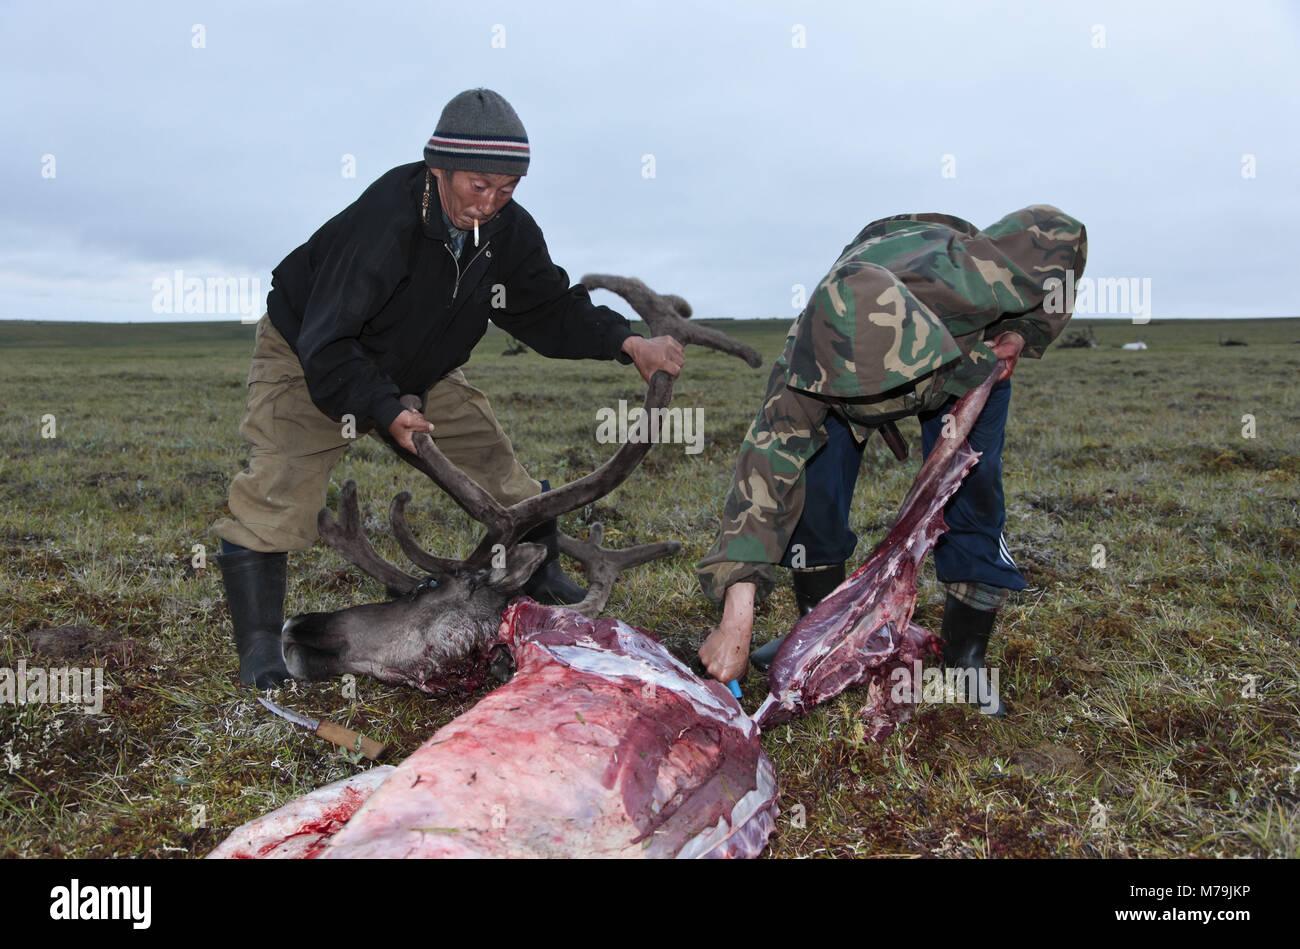 Asia, Russia, Siberia, region of Krasnojarsk, Taimyr peninsula, slaughtered reindeer, reindeer nomads, - Stock Image